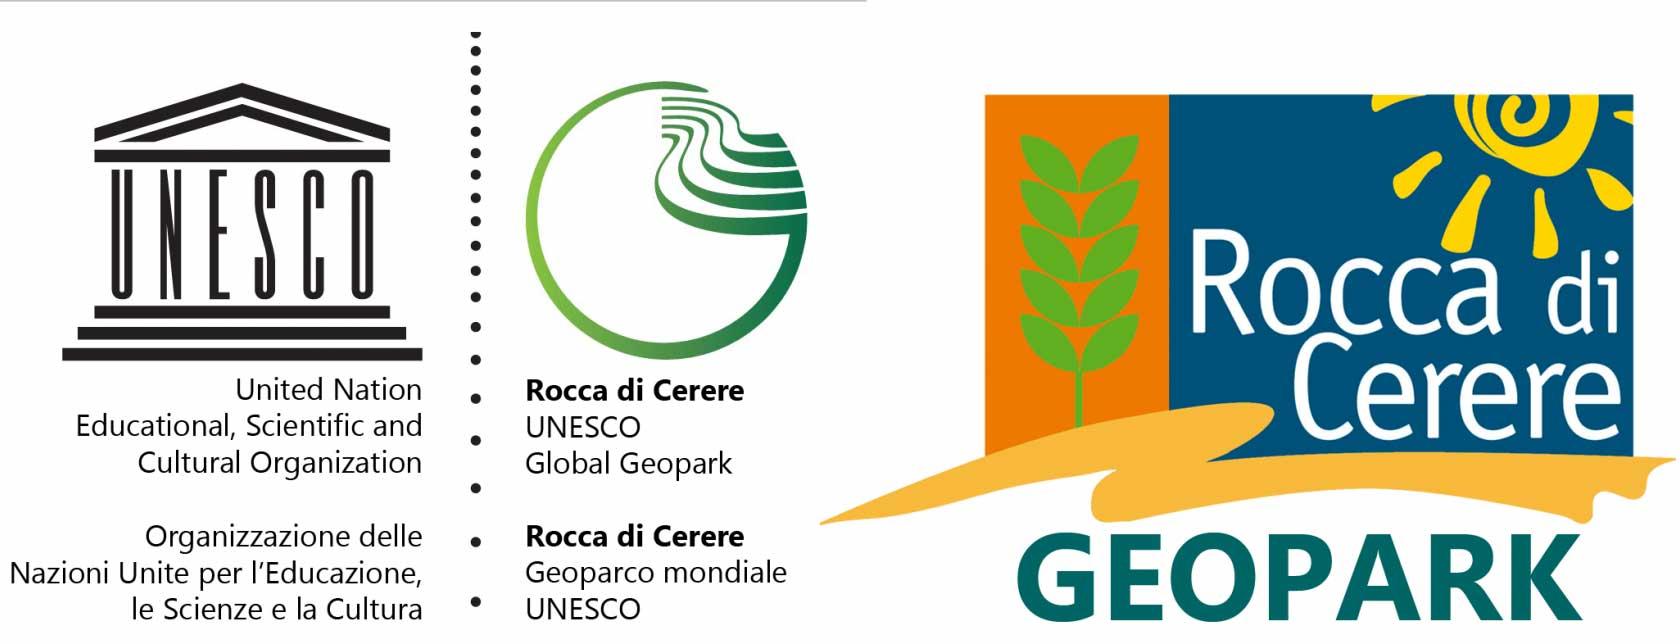 Il dottor Michele Sabatino, il nuovo presidente della società Rocca di Cerere Geopark